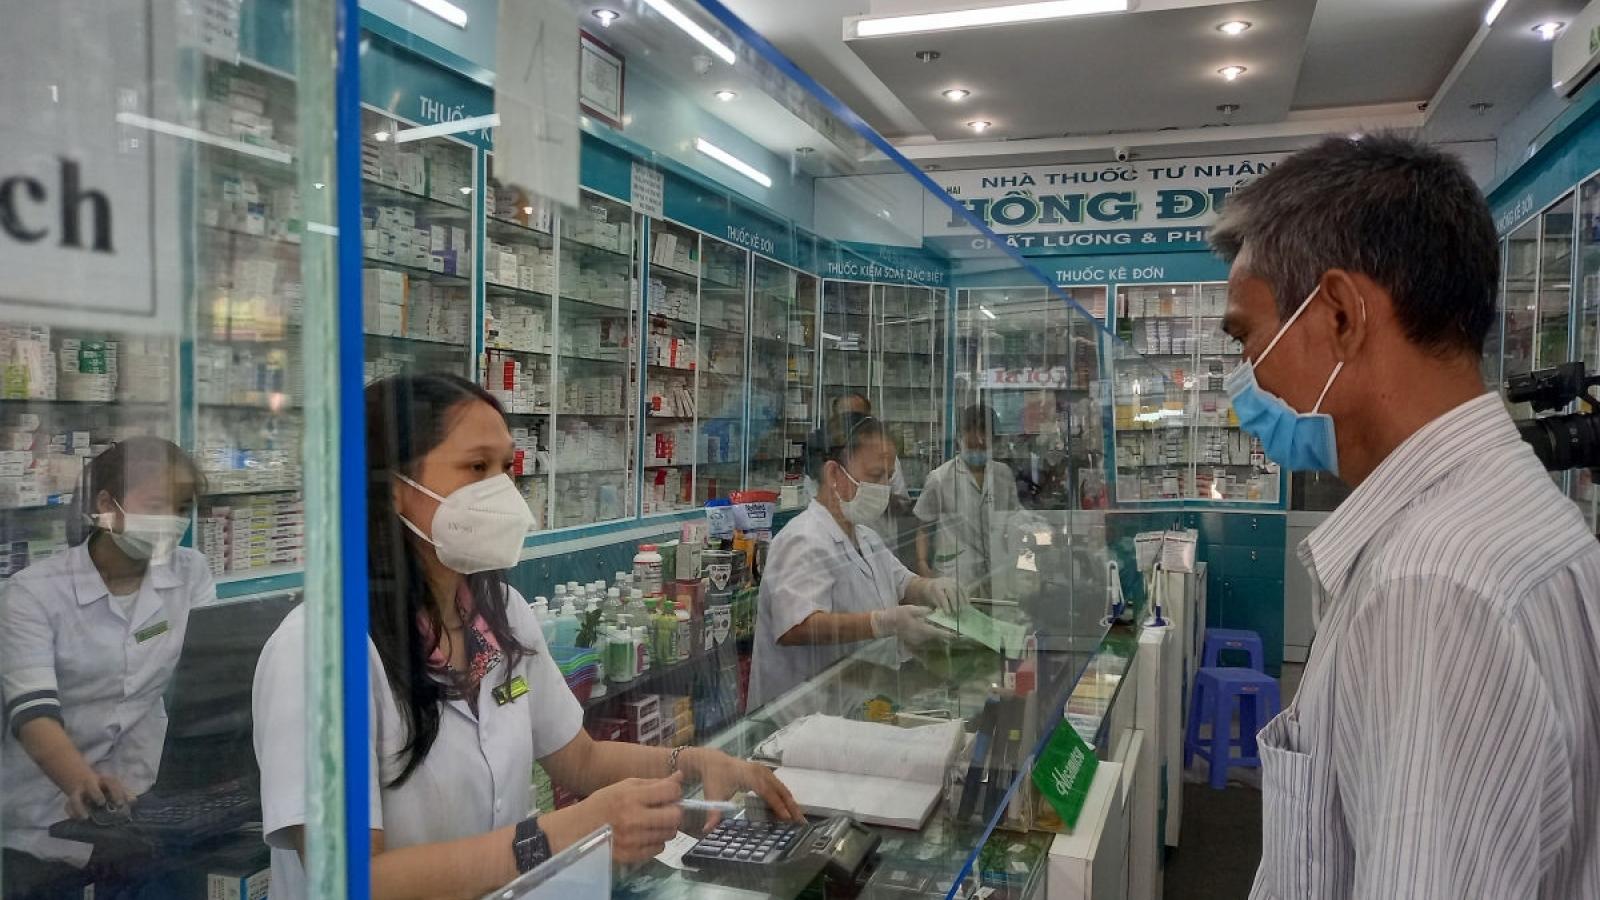 Bộ Y tế yêu cầu khám sàng lọc kỹ người có dấu hiệu ho, sốt, cảm cúm...